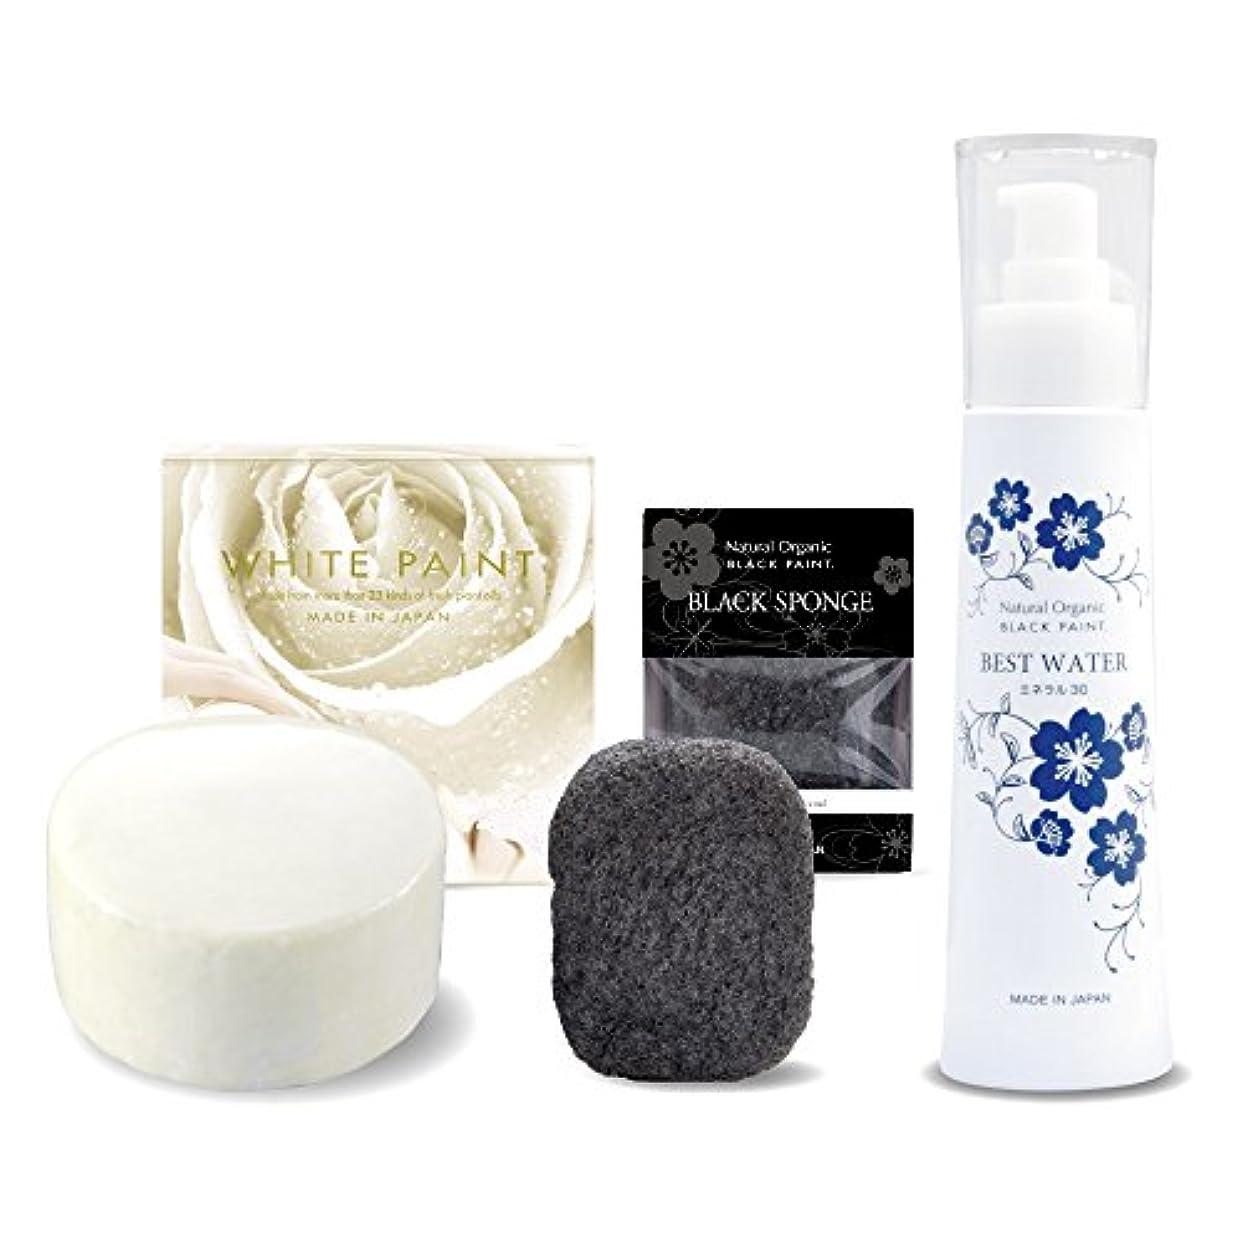 独立して粘液単にホワイトペイント 120g&ブラックスポンジ&ベストウォーター100ml 塗る石鹸 洗顔セット 無添加 国産